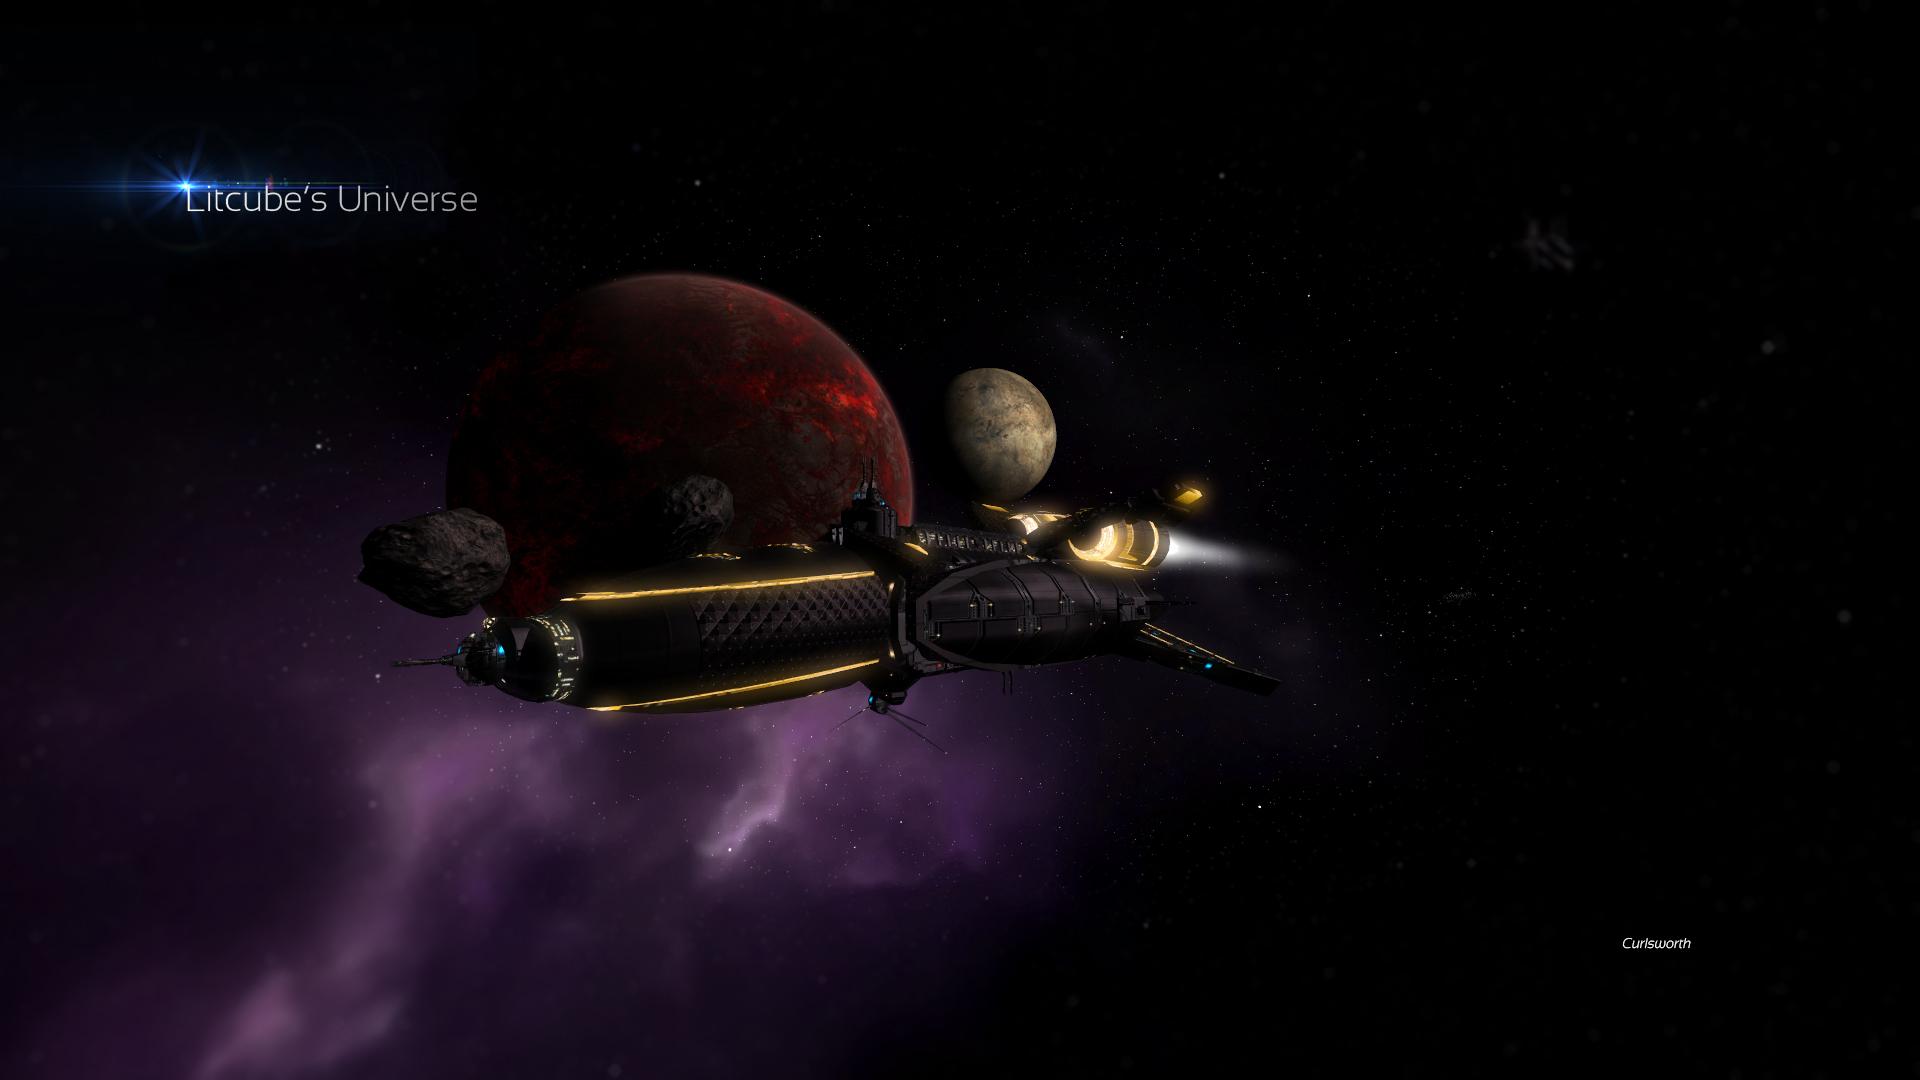 Скриншот X: Litcube's Universe (2008-2018) PC